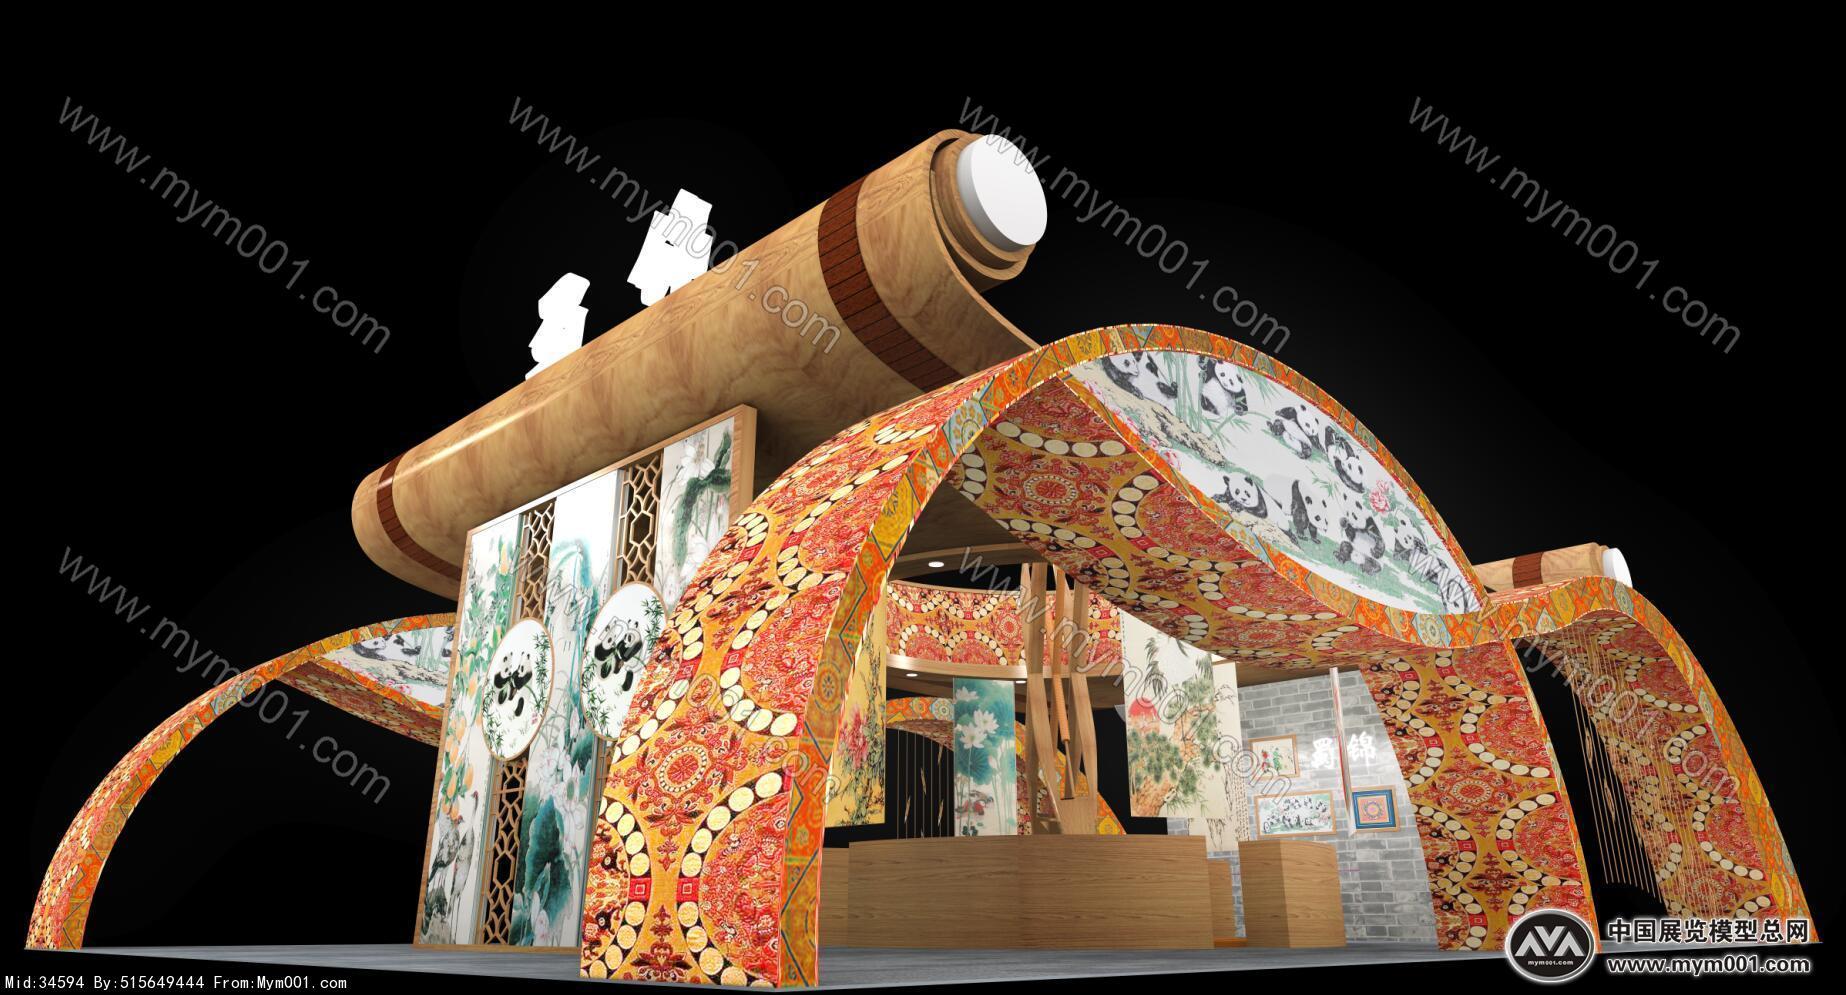 展览模型 服装纺织箱包类 纺织展 蜀锦展台模型图片图片